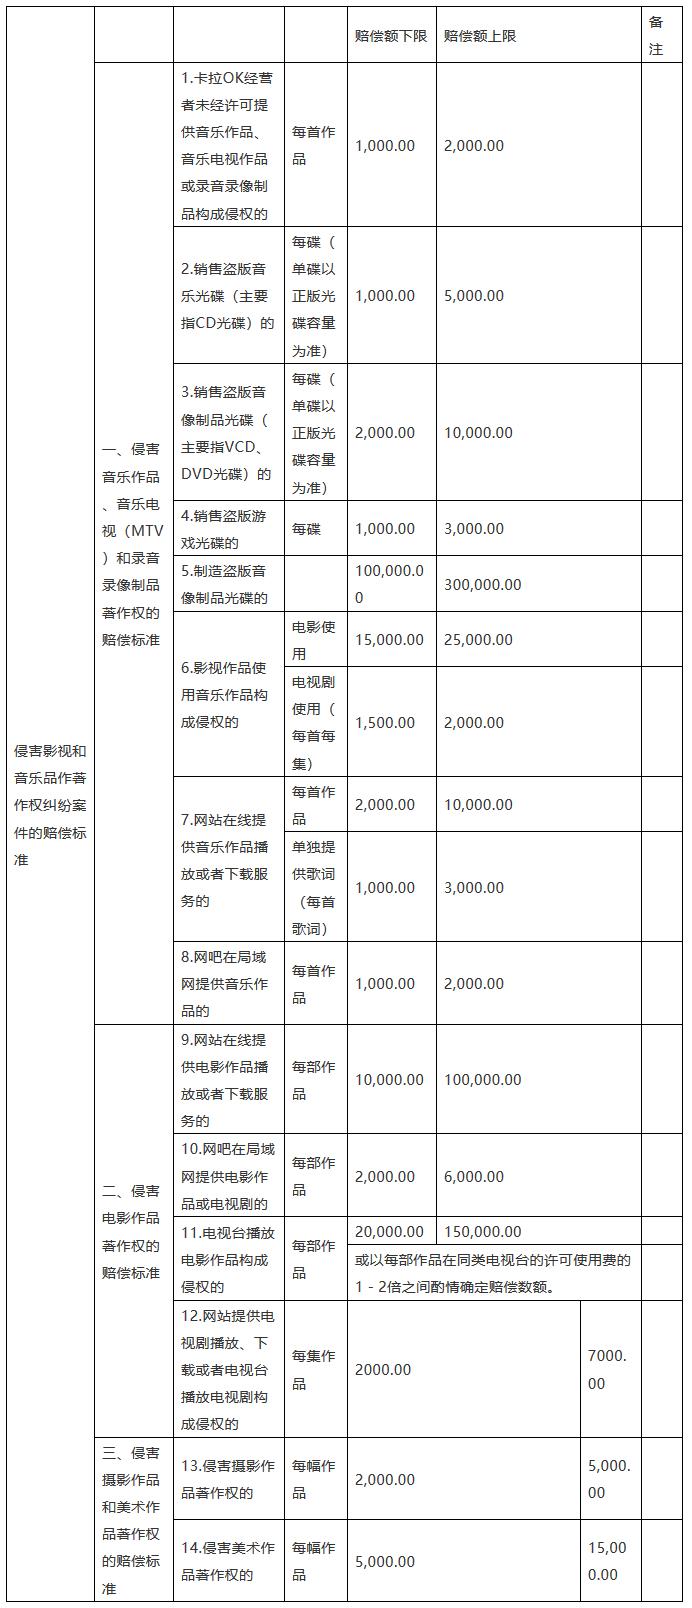 「北京、上海、广东、江苏、重庆高院」知识产权赔偿规定